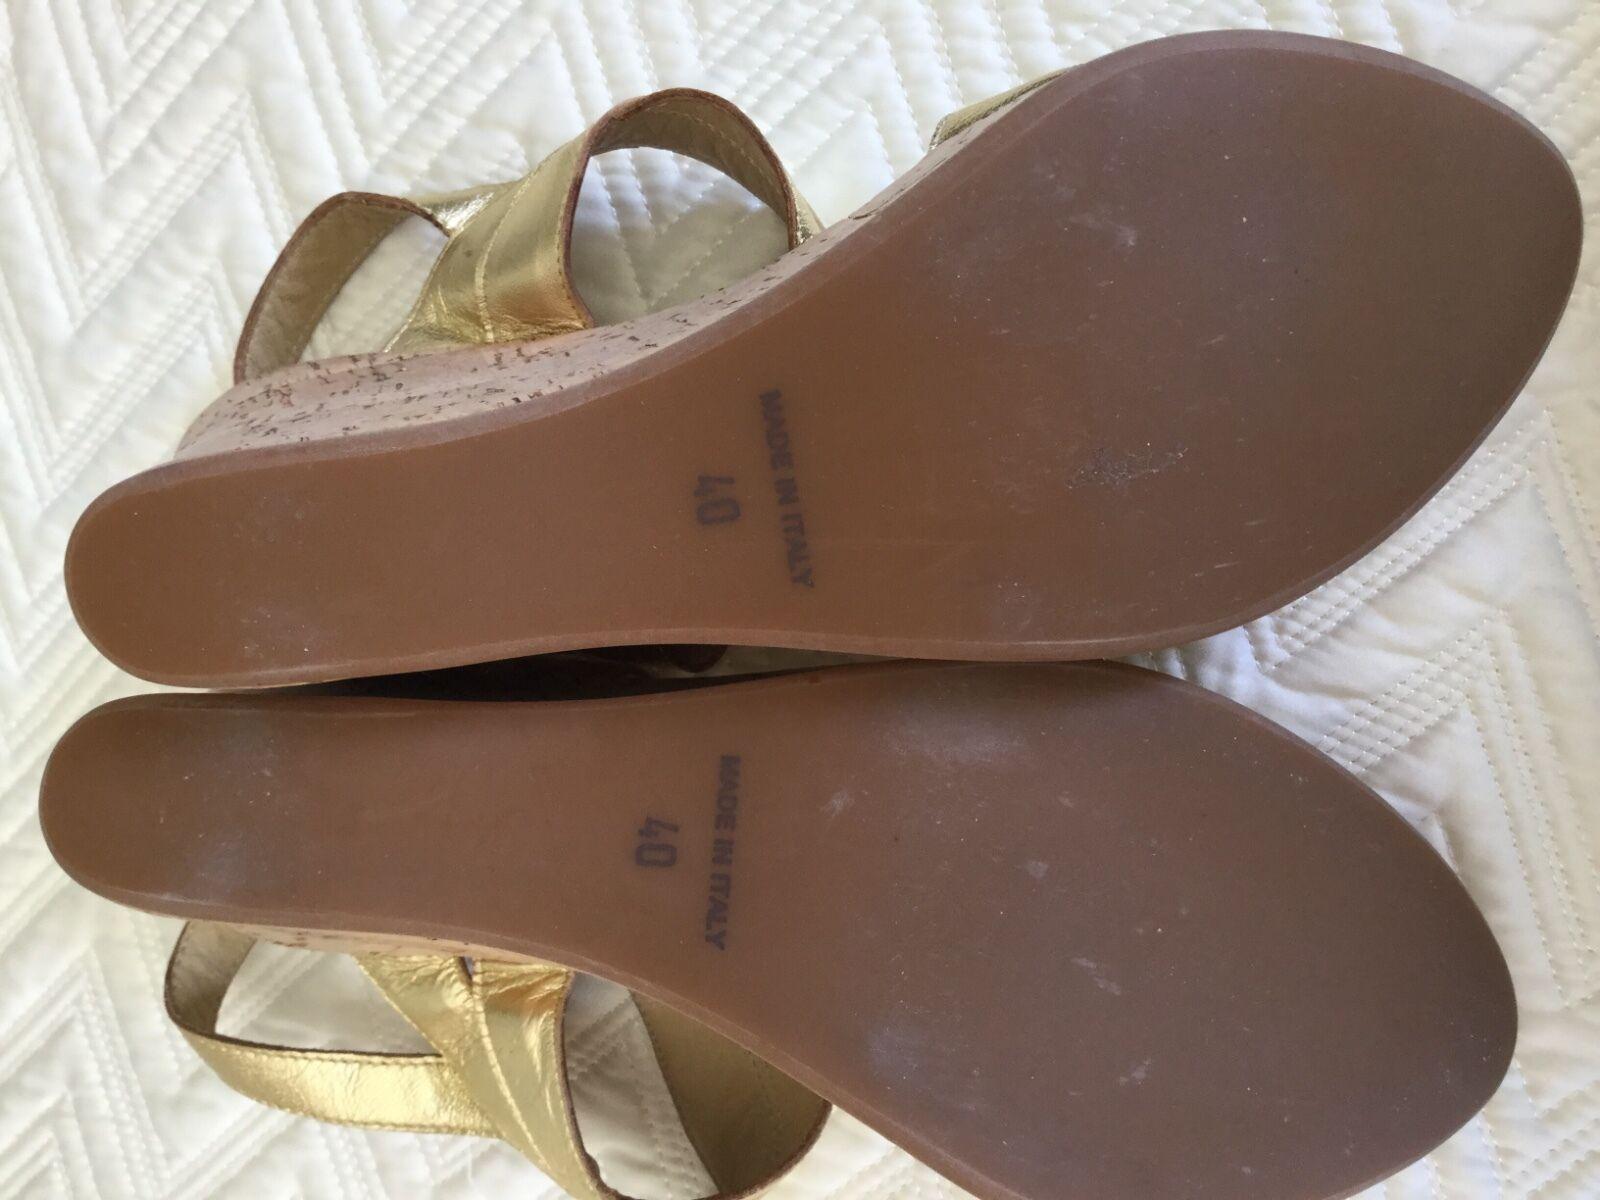 Woman's Barneys New York Barn Gold Gold Gold platform sandals 40 10 heels schuhe a78078